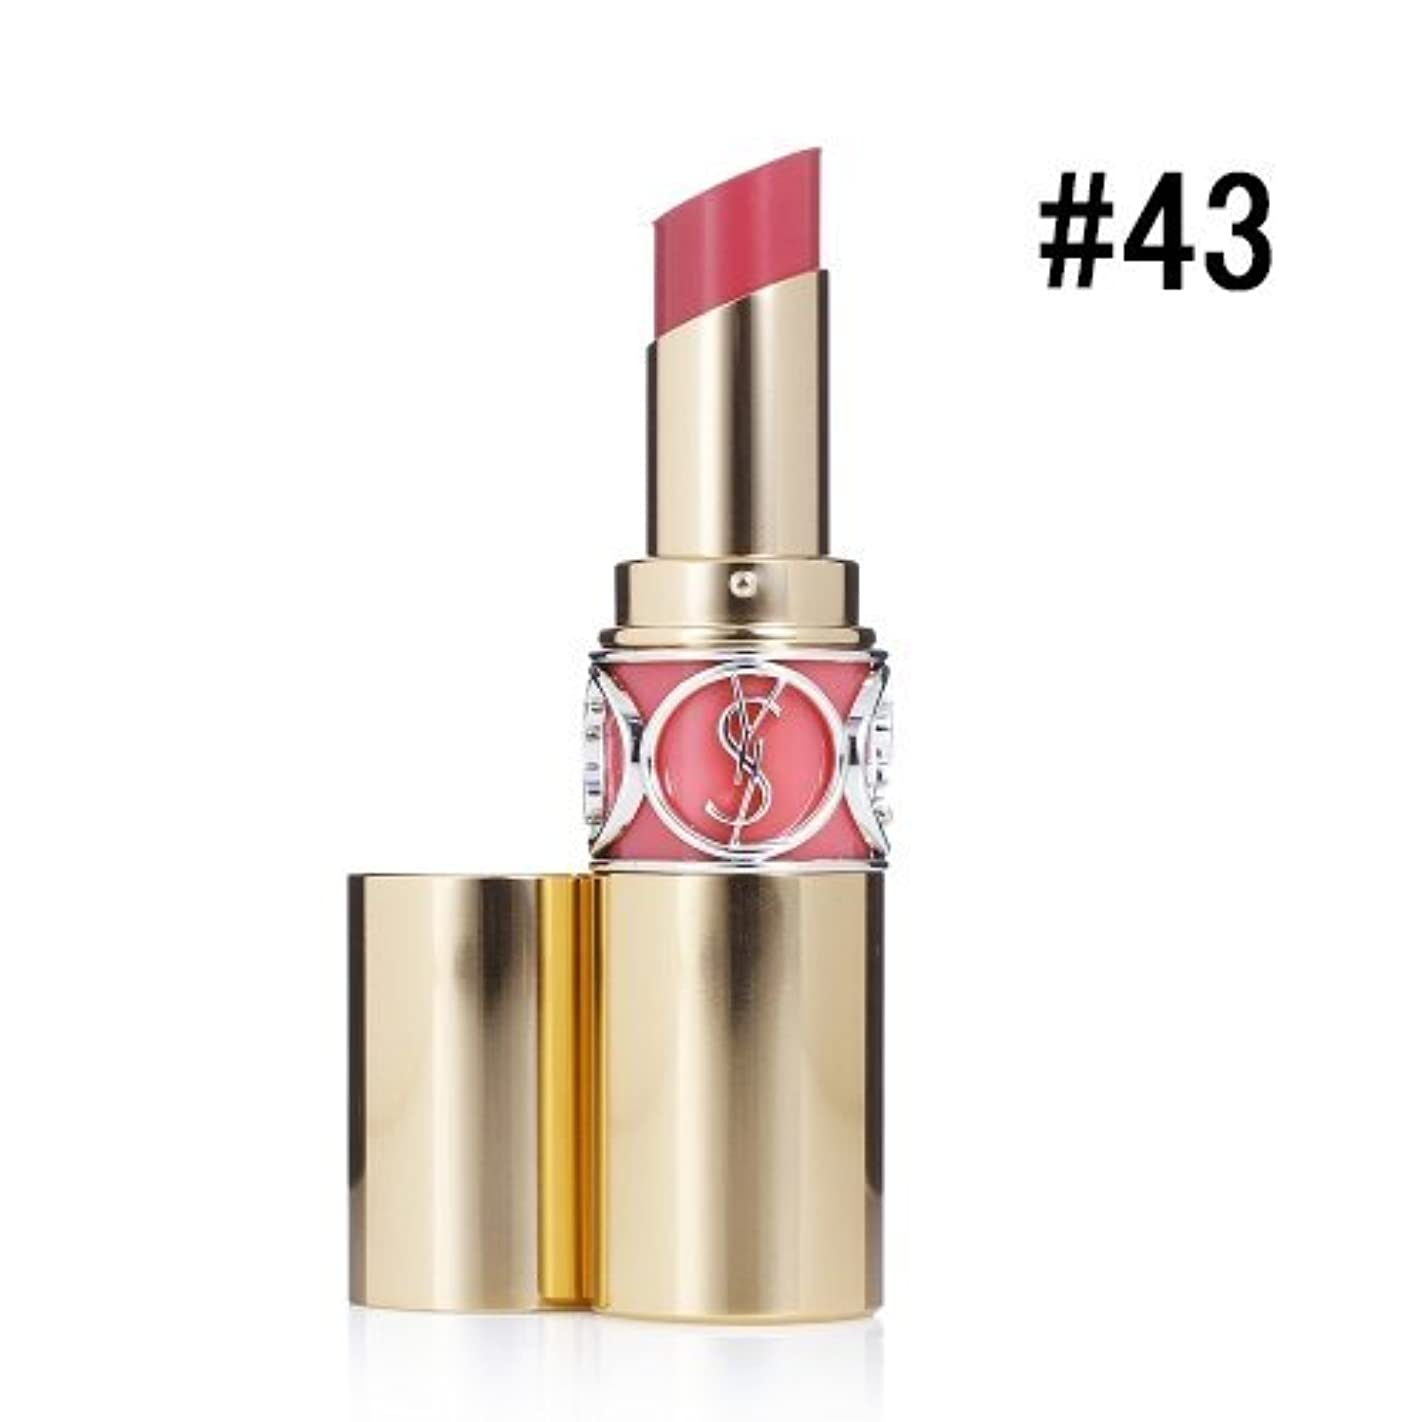 正当化する荒涼としたシーサイドイヴサンローラン(Yves Saint Laurent) ルージュ ヴォリュプテ シャイン #43 ROSE RIVE GAUCHE 4.5g[並行輸入品]